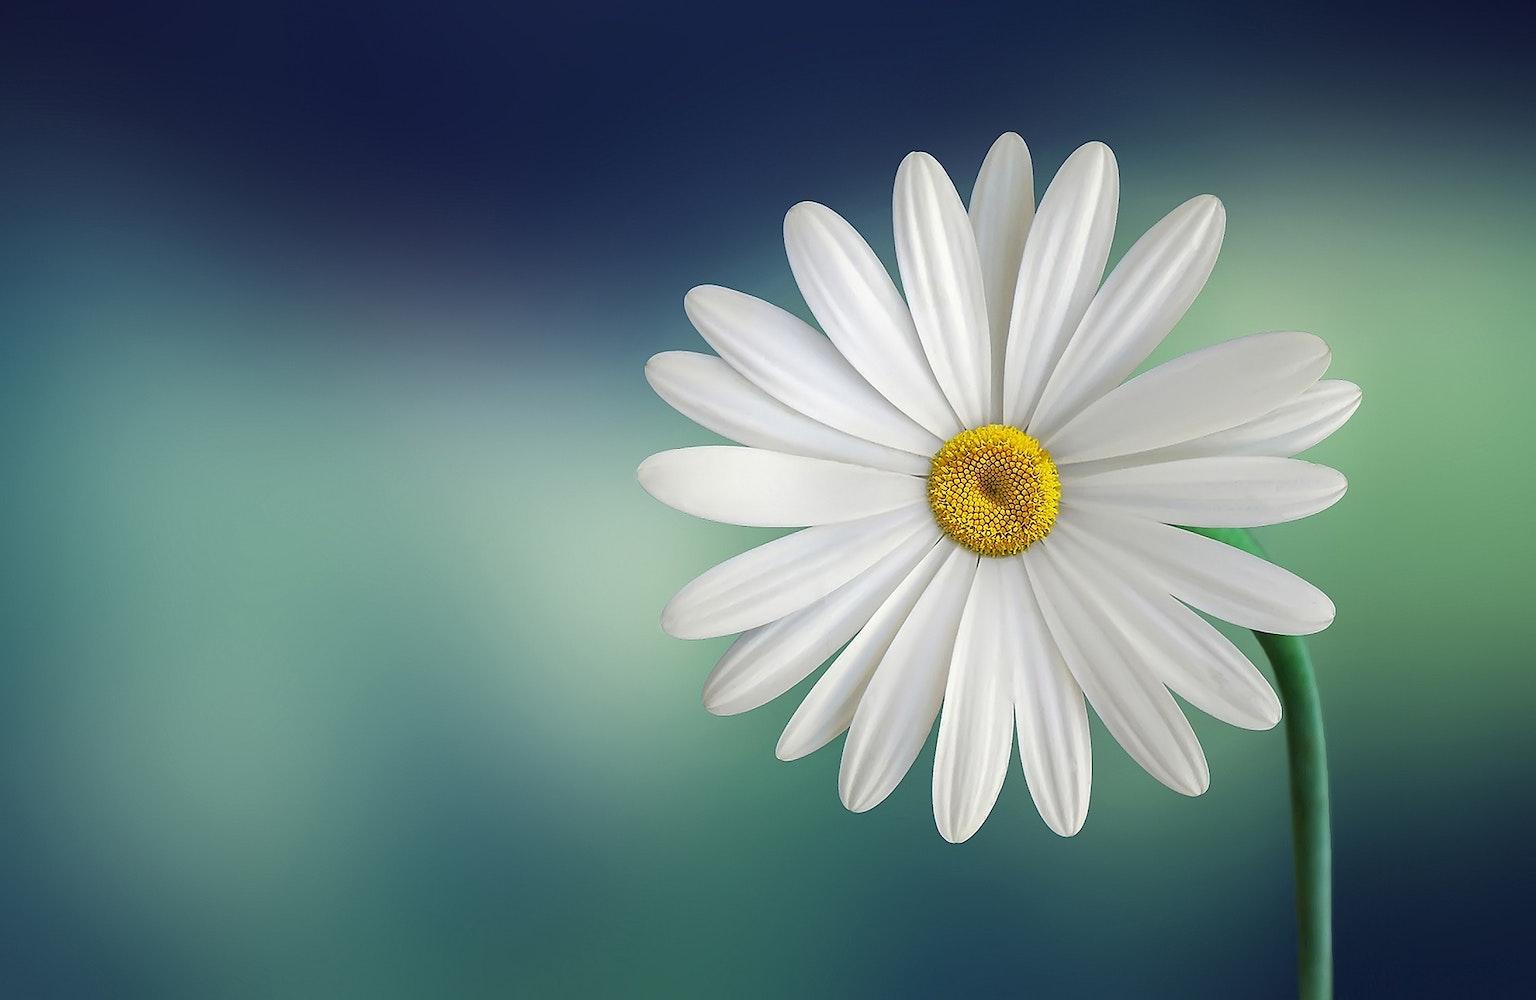 free stock photos of daisy pexels